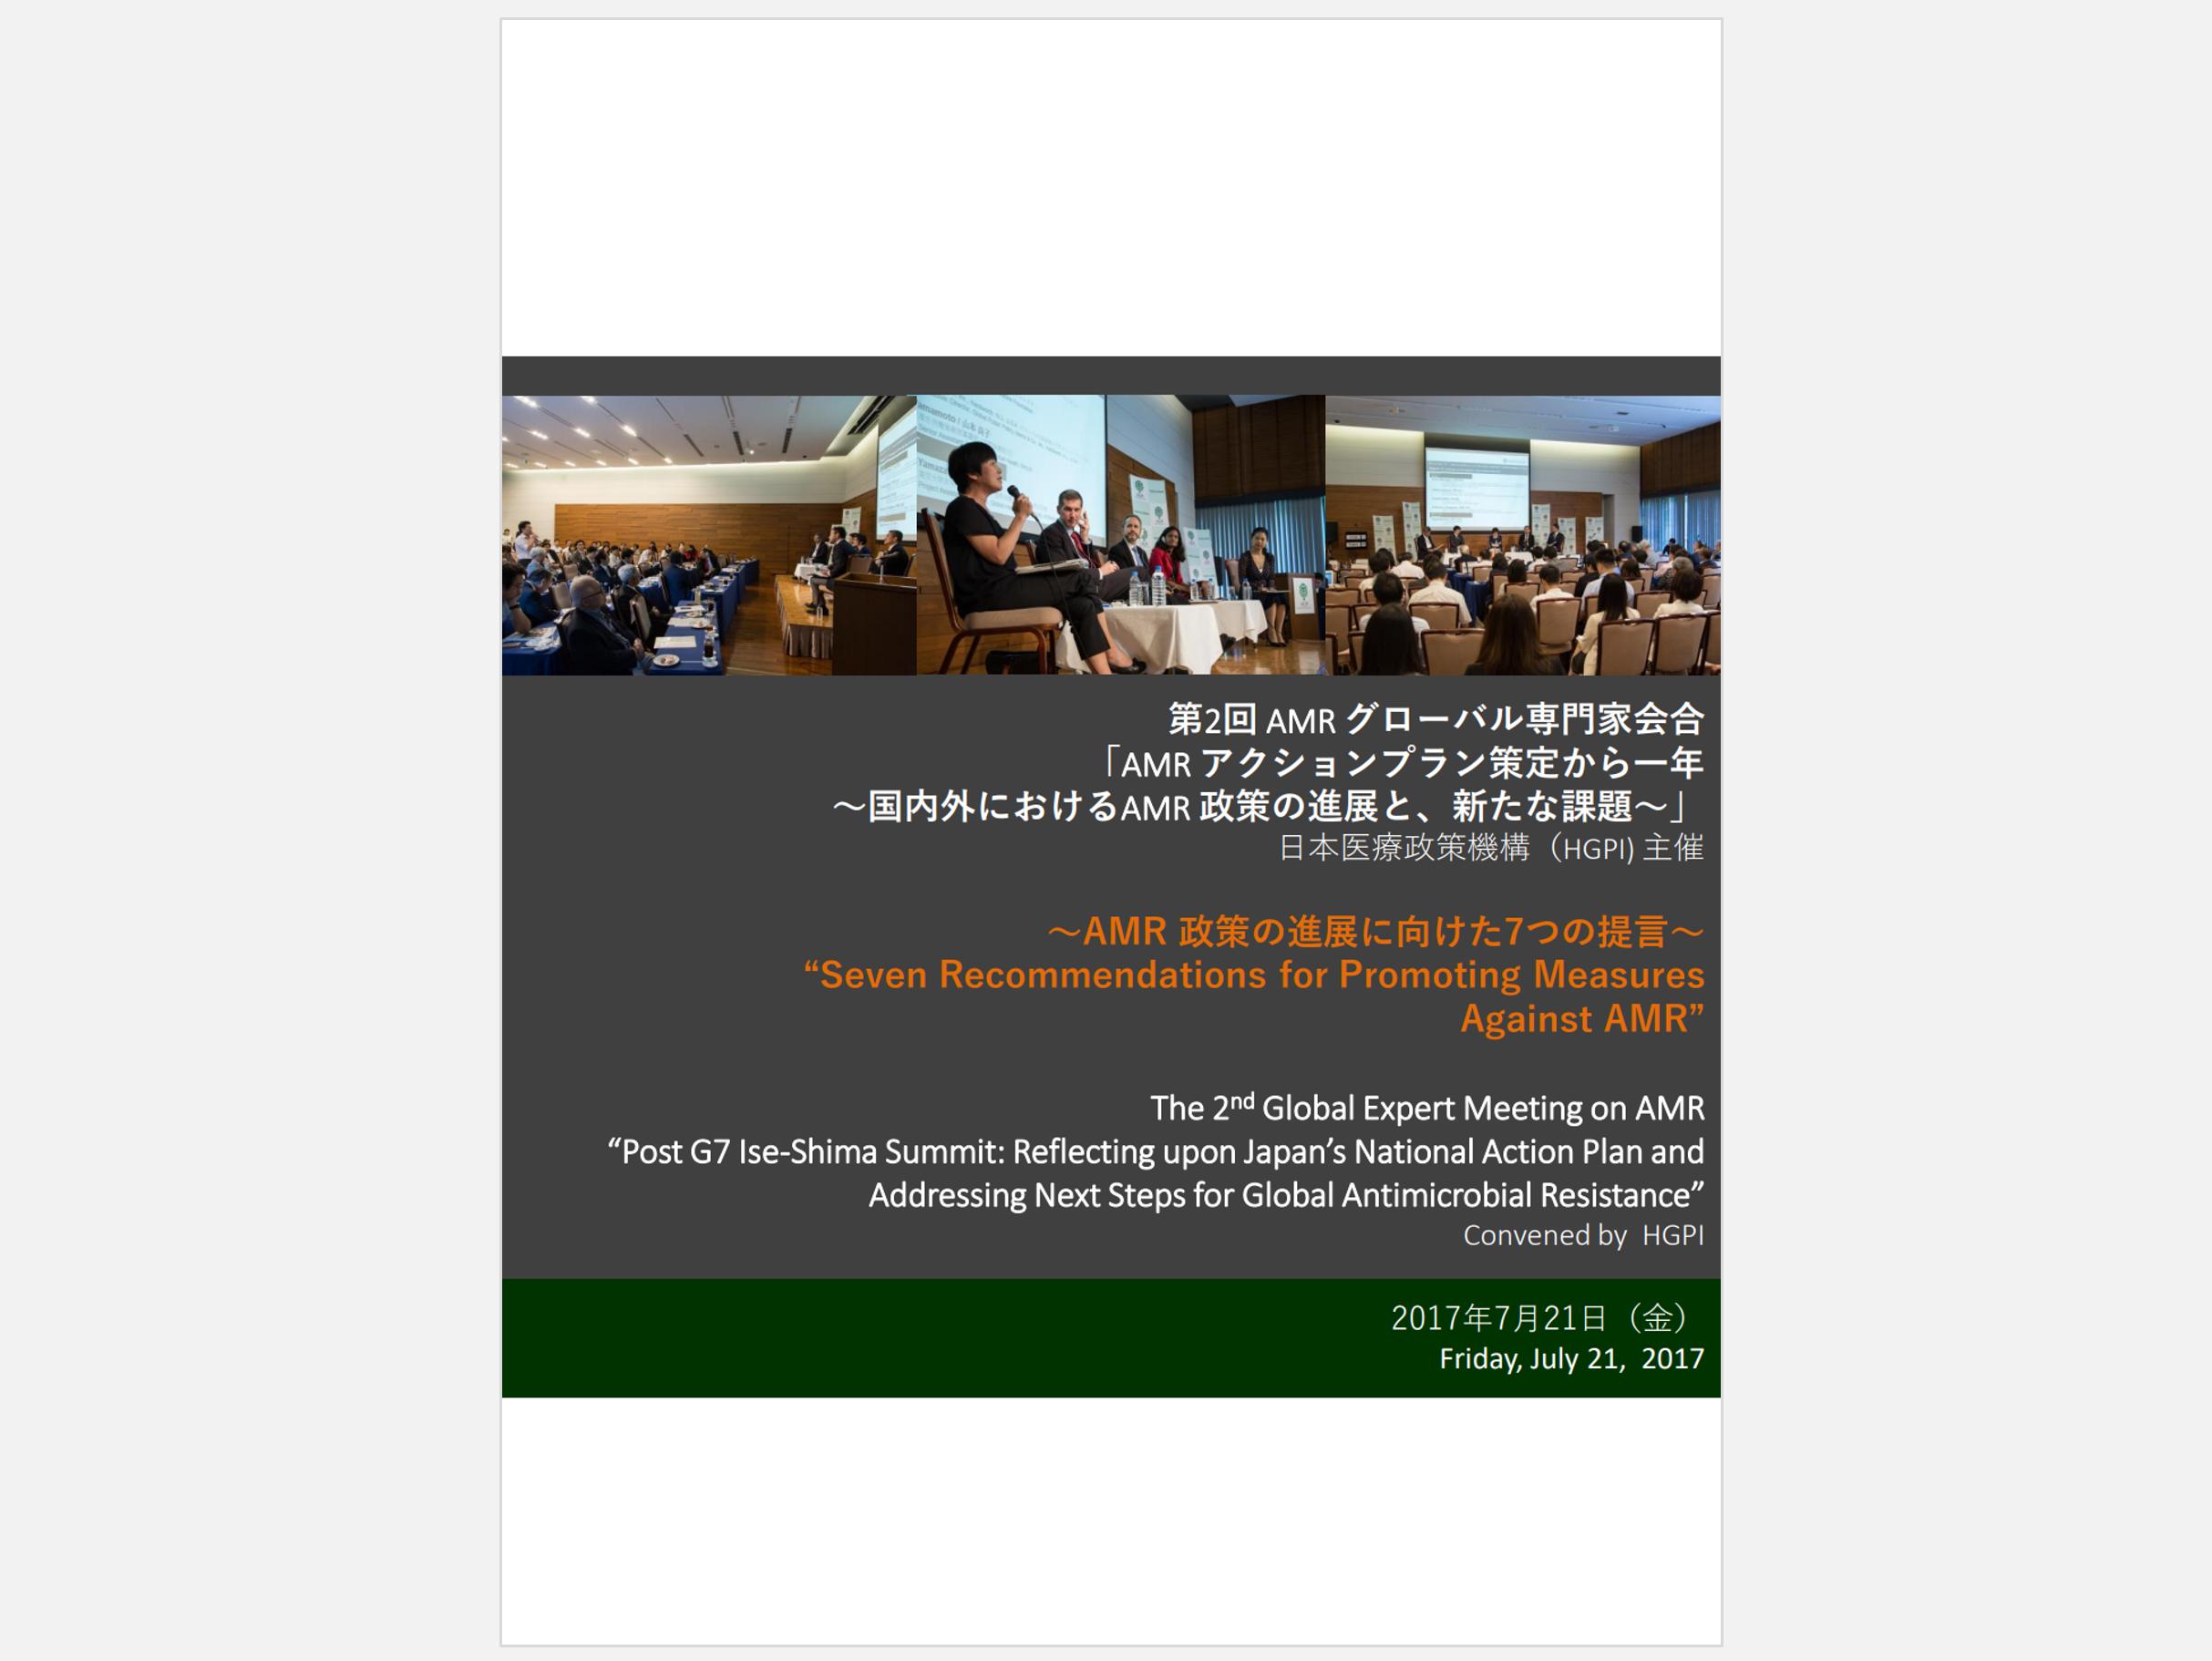 【開催報告・政策提言】第2回AMRグローバル専門家会合「AMR アクションプラン策定から一年  ~国内外におけるAMR 政策の進展と、新たな課題~」~AMR政策の進展に向けた7つの提言~